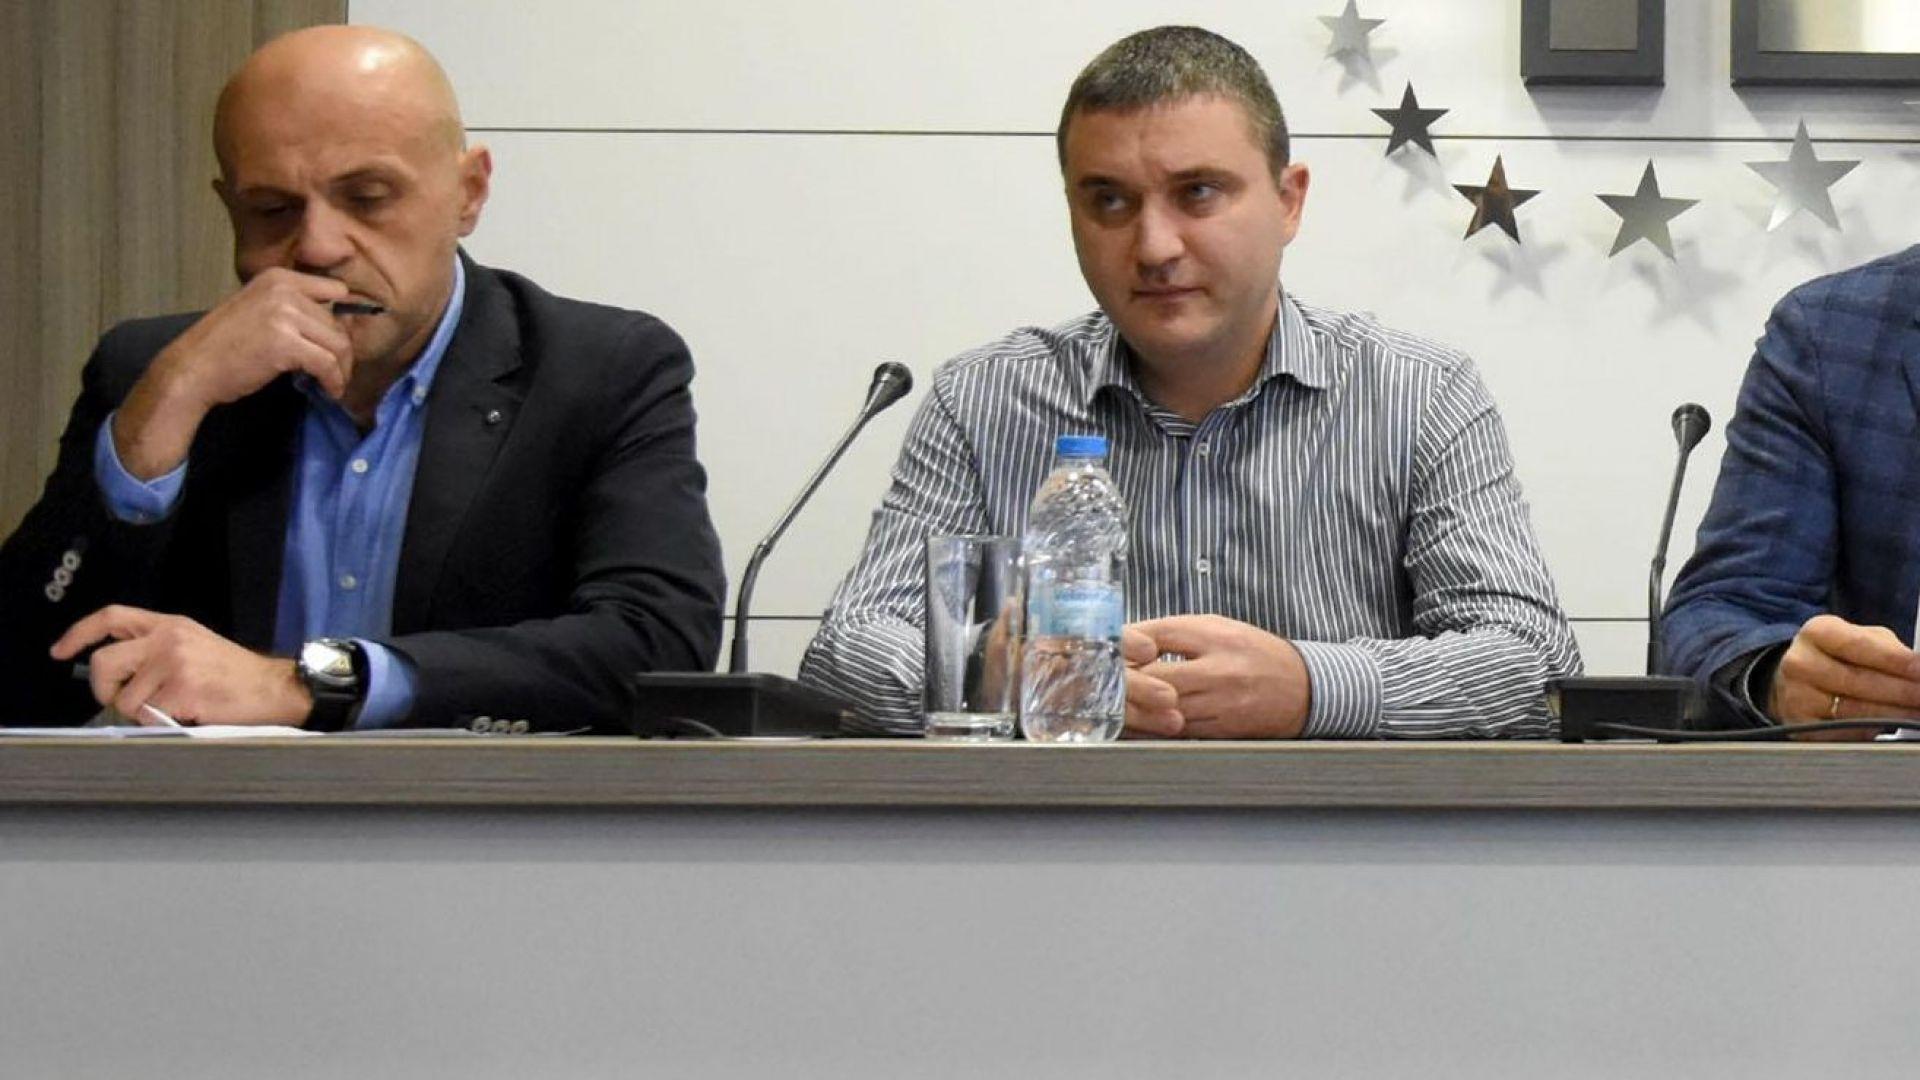 Двама настоящи и двама бивши министри дадоха показания по делото срещу Петър Москов